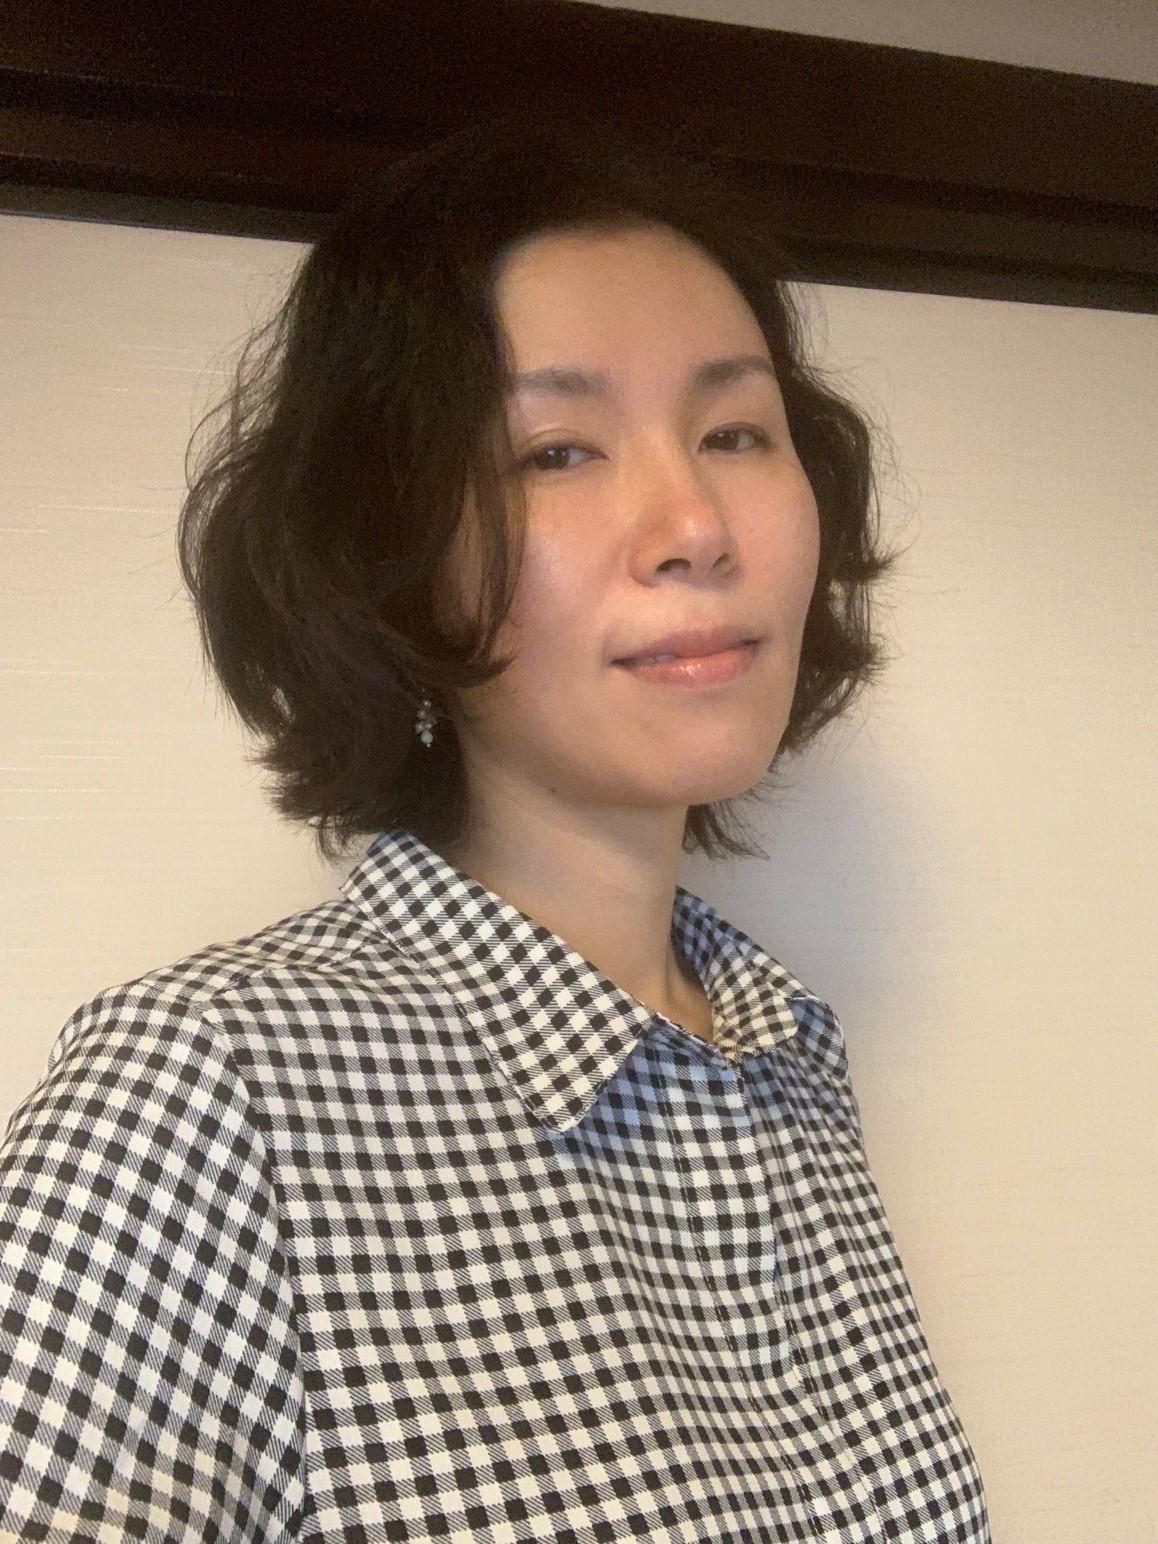 Shino-hair-cut.jpg